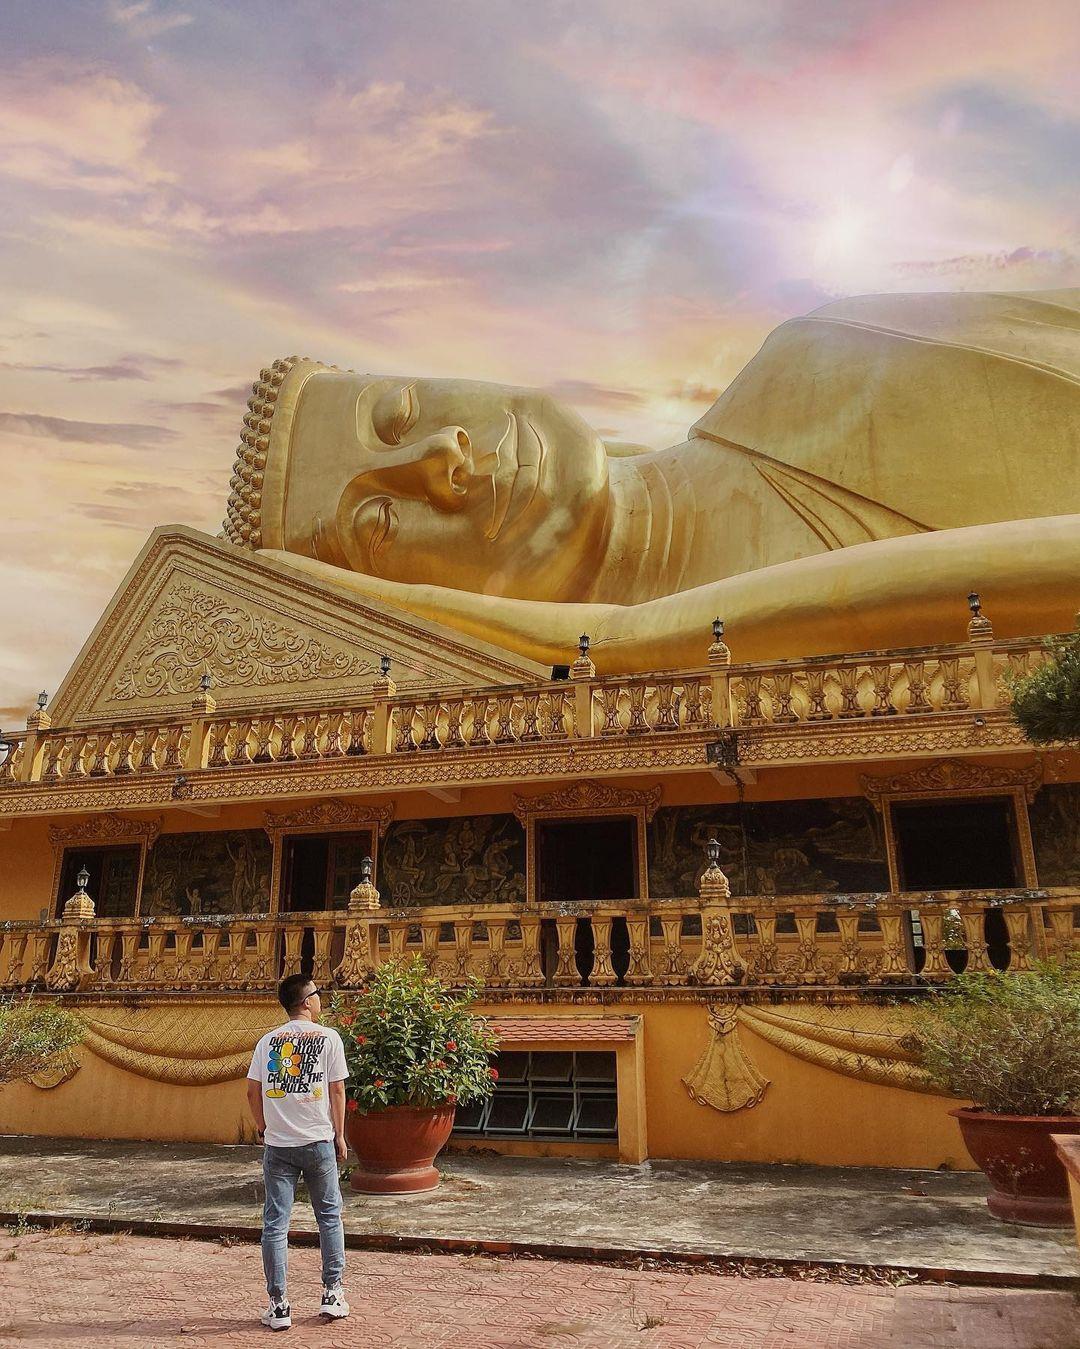 Chùa Vam Ray với bức tượng khổng lồ. Hình: @Dupeo.review_